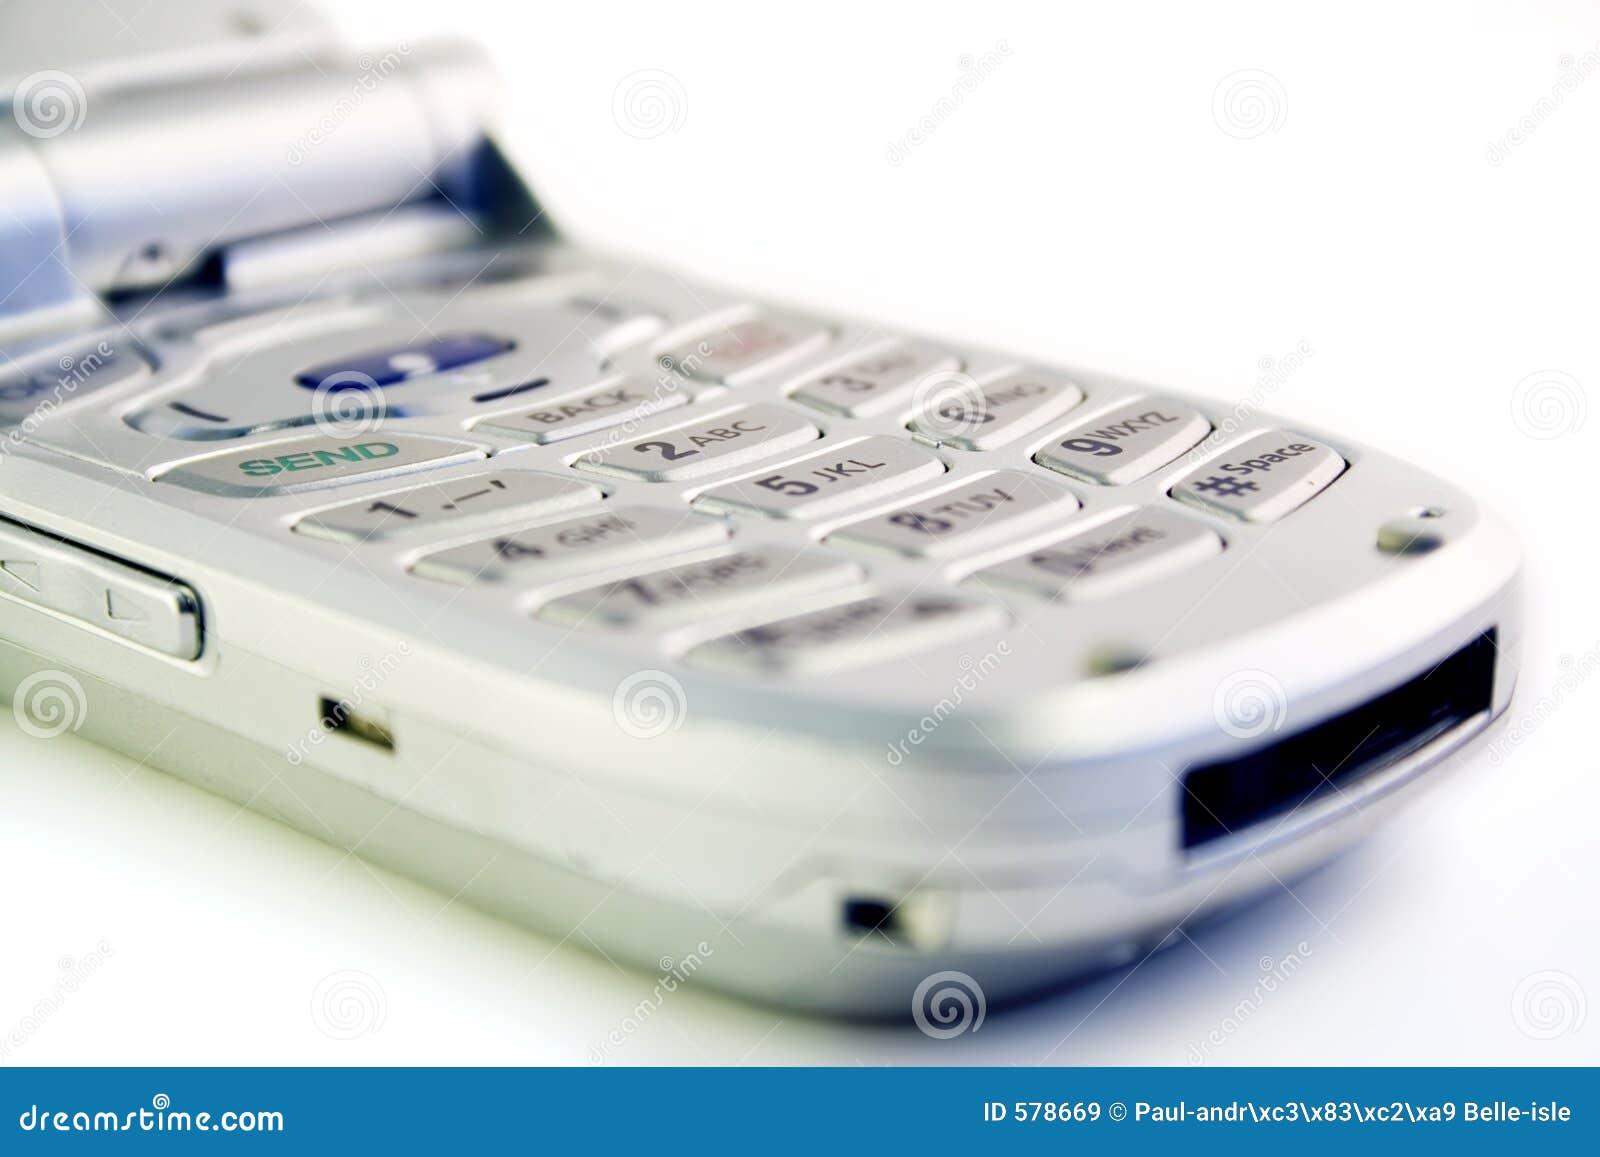 Cellulaire telefoon